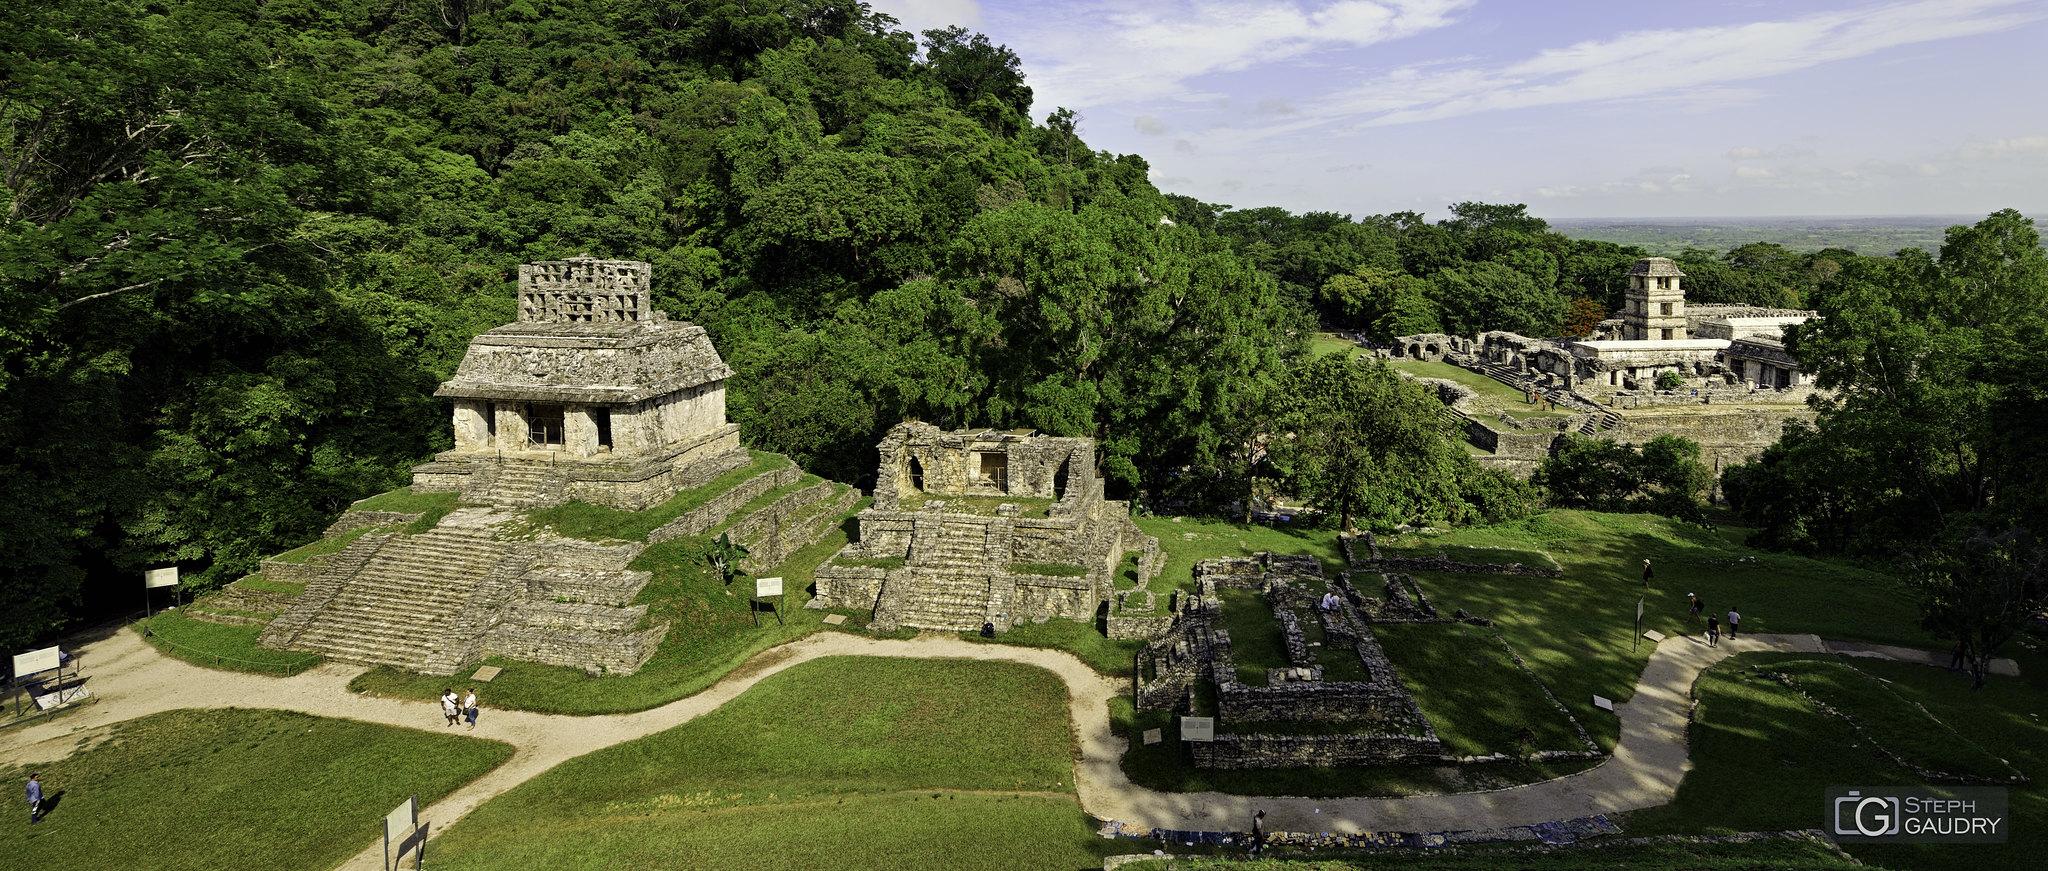 Palenque - Le Temple du Soleil, et au loin la tour d'observatoire [Cliquez pour lancer le diaporama]